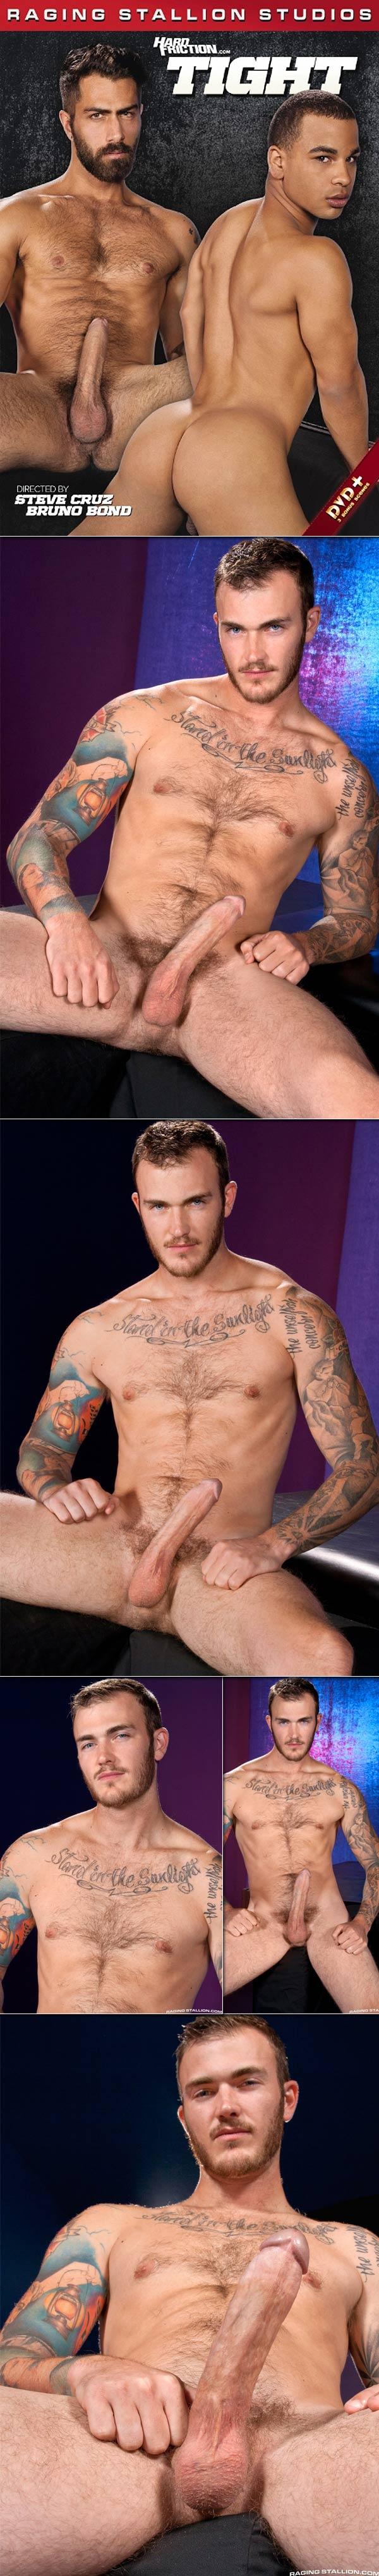 Adam wilde nude